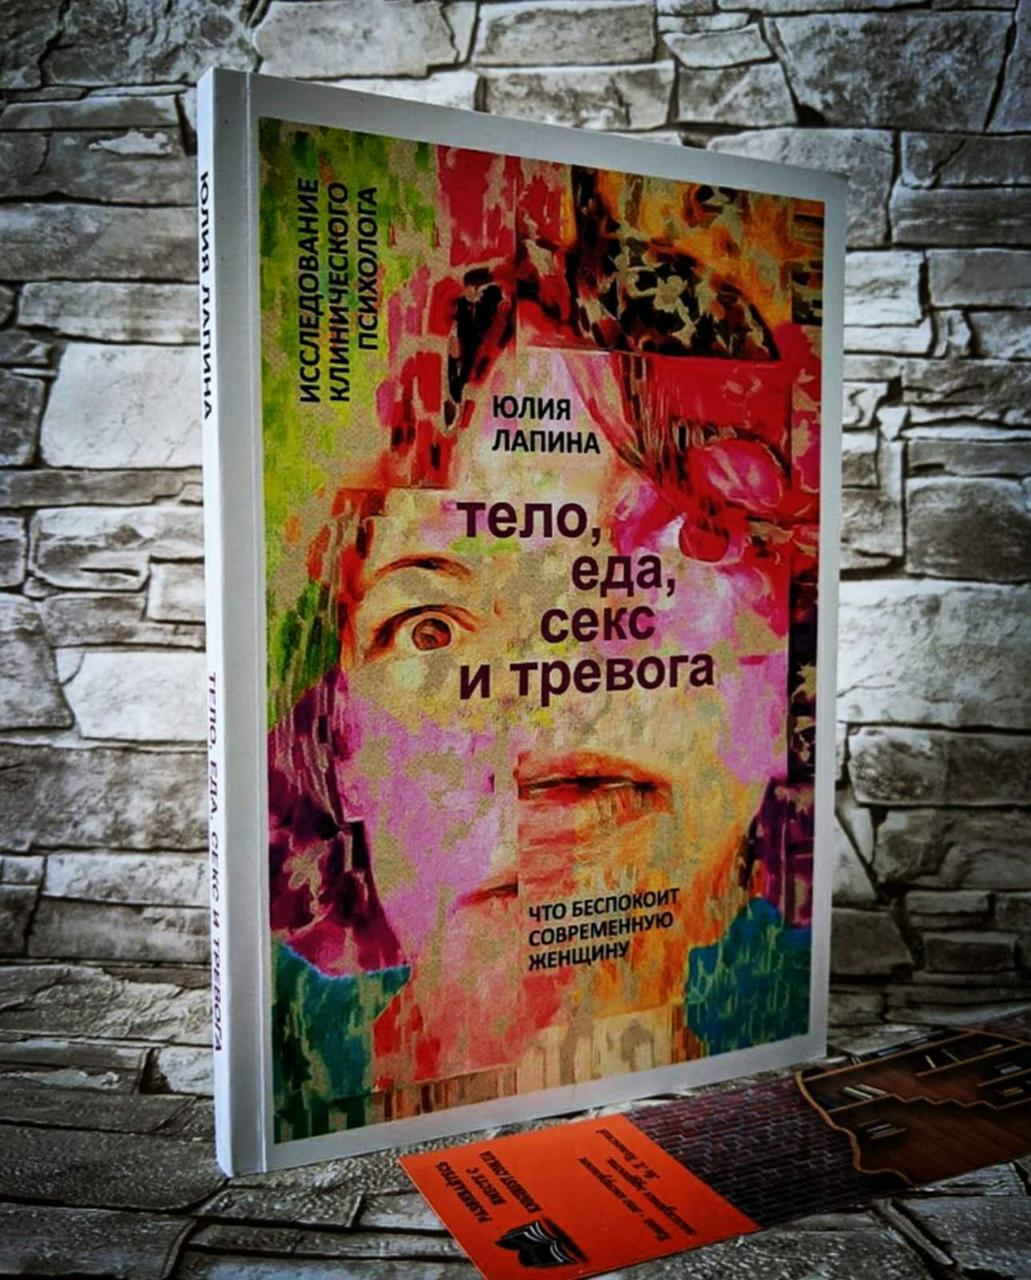 """Книга """"Тело, еда, секс и тревога: Что беспокоит современную женщину"""" Юлия Лапина"""